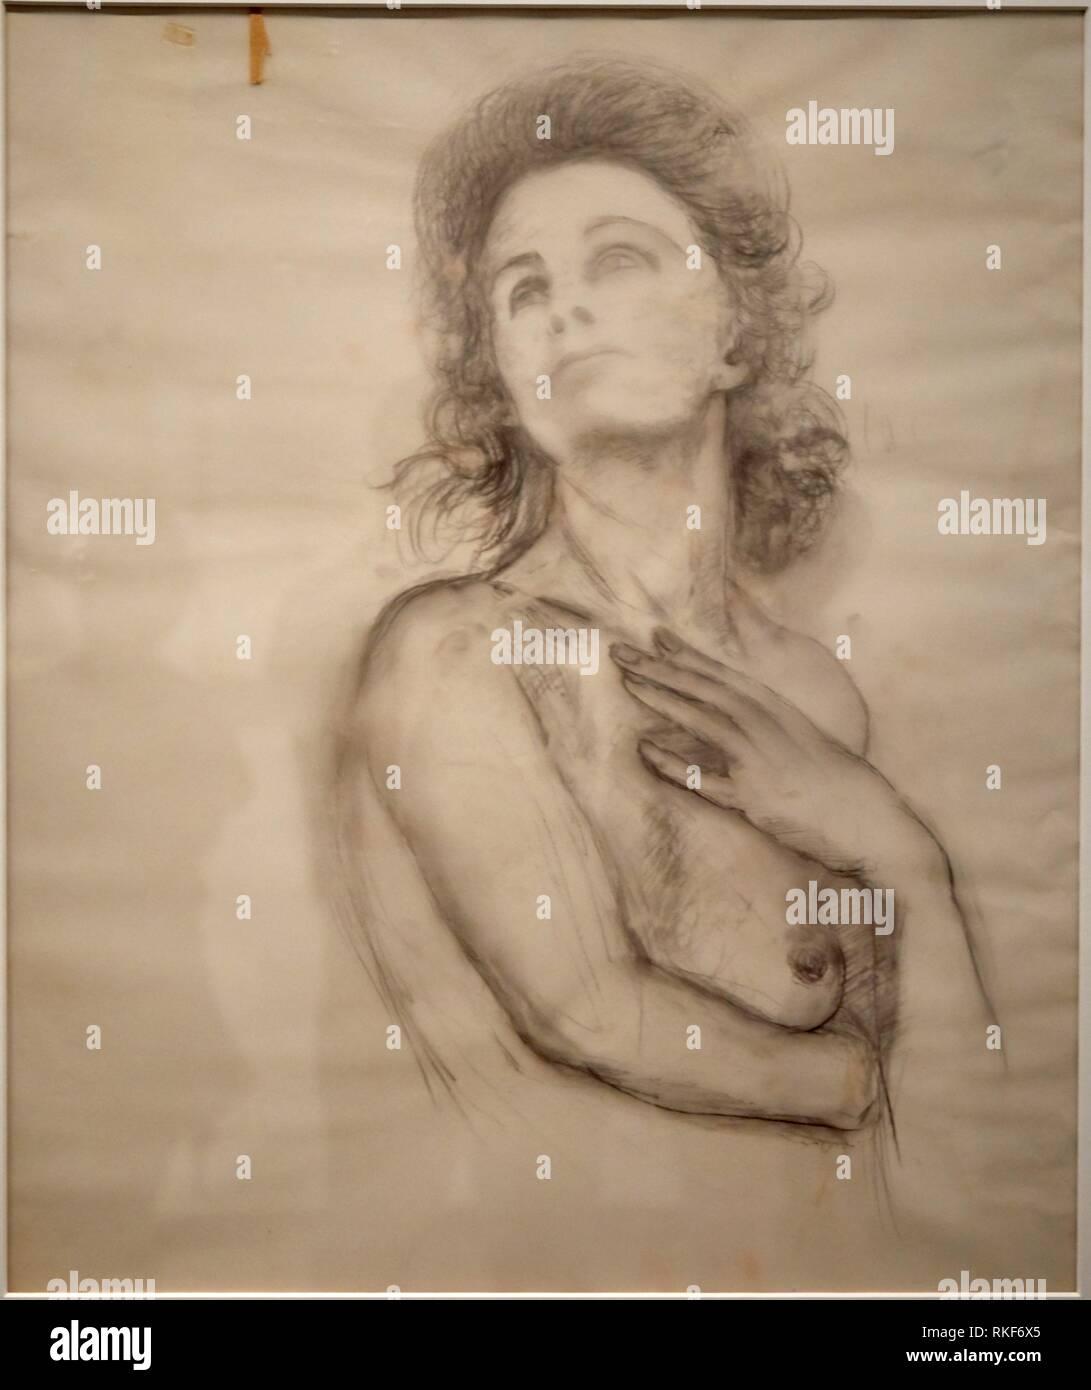 '''Study le morceau apothéose le Dollar'', c.1965, Salvador Dalí, Exposition ''Gala Salvador Dalí. A Room of One's Own à Púbol'', Musée National Photo Stock